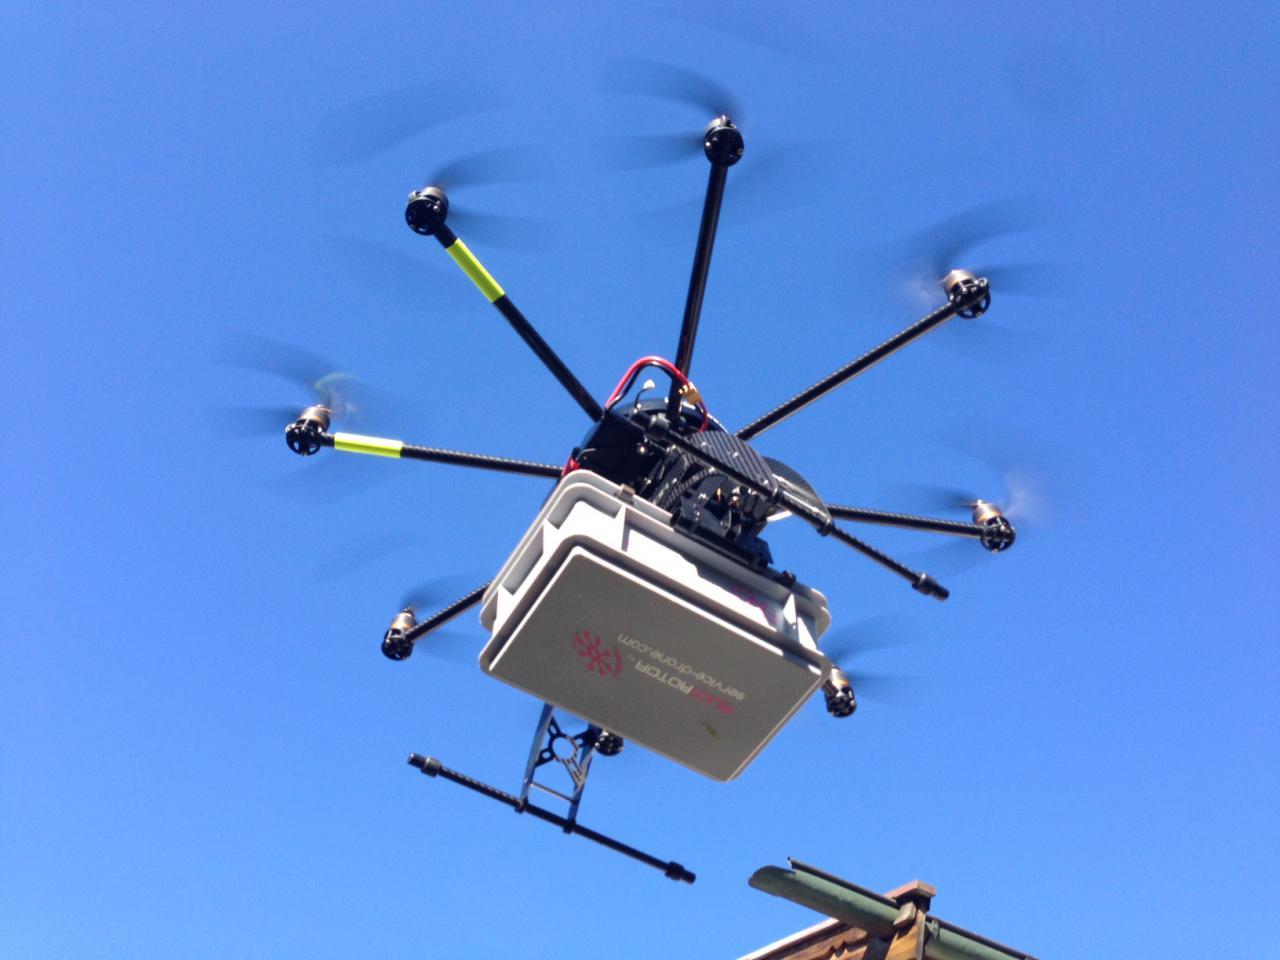 Los drones más costosos del mundo - MULTIROTOR G4 Eagle V2 Cargo